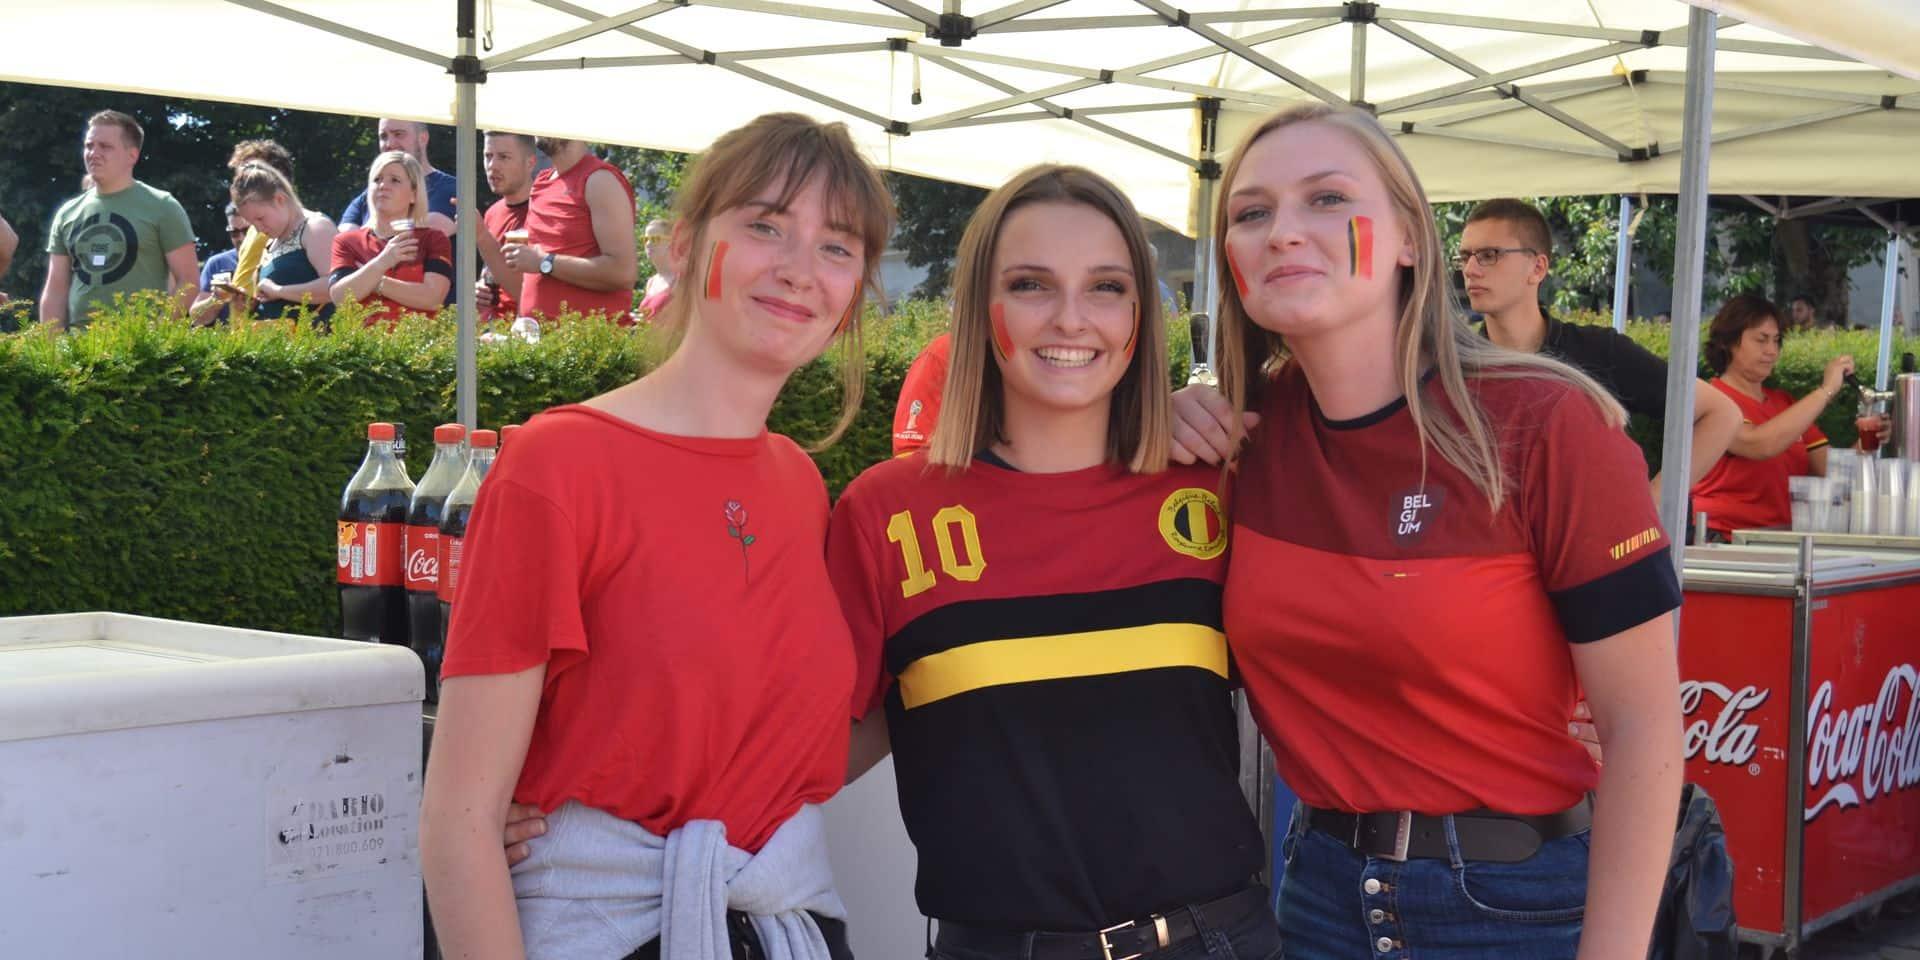 Tournai : la place Reine Astrid a vibré pour le dernier match des Diables Rouges en Russie !